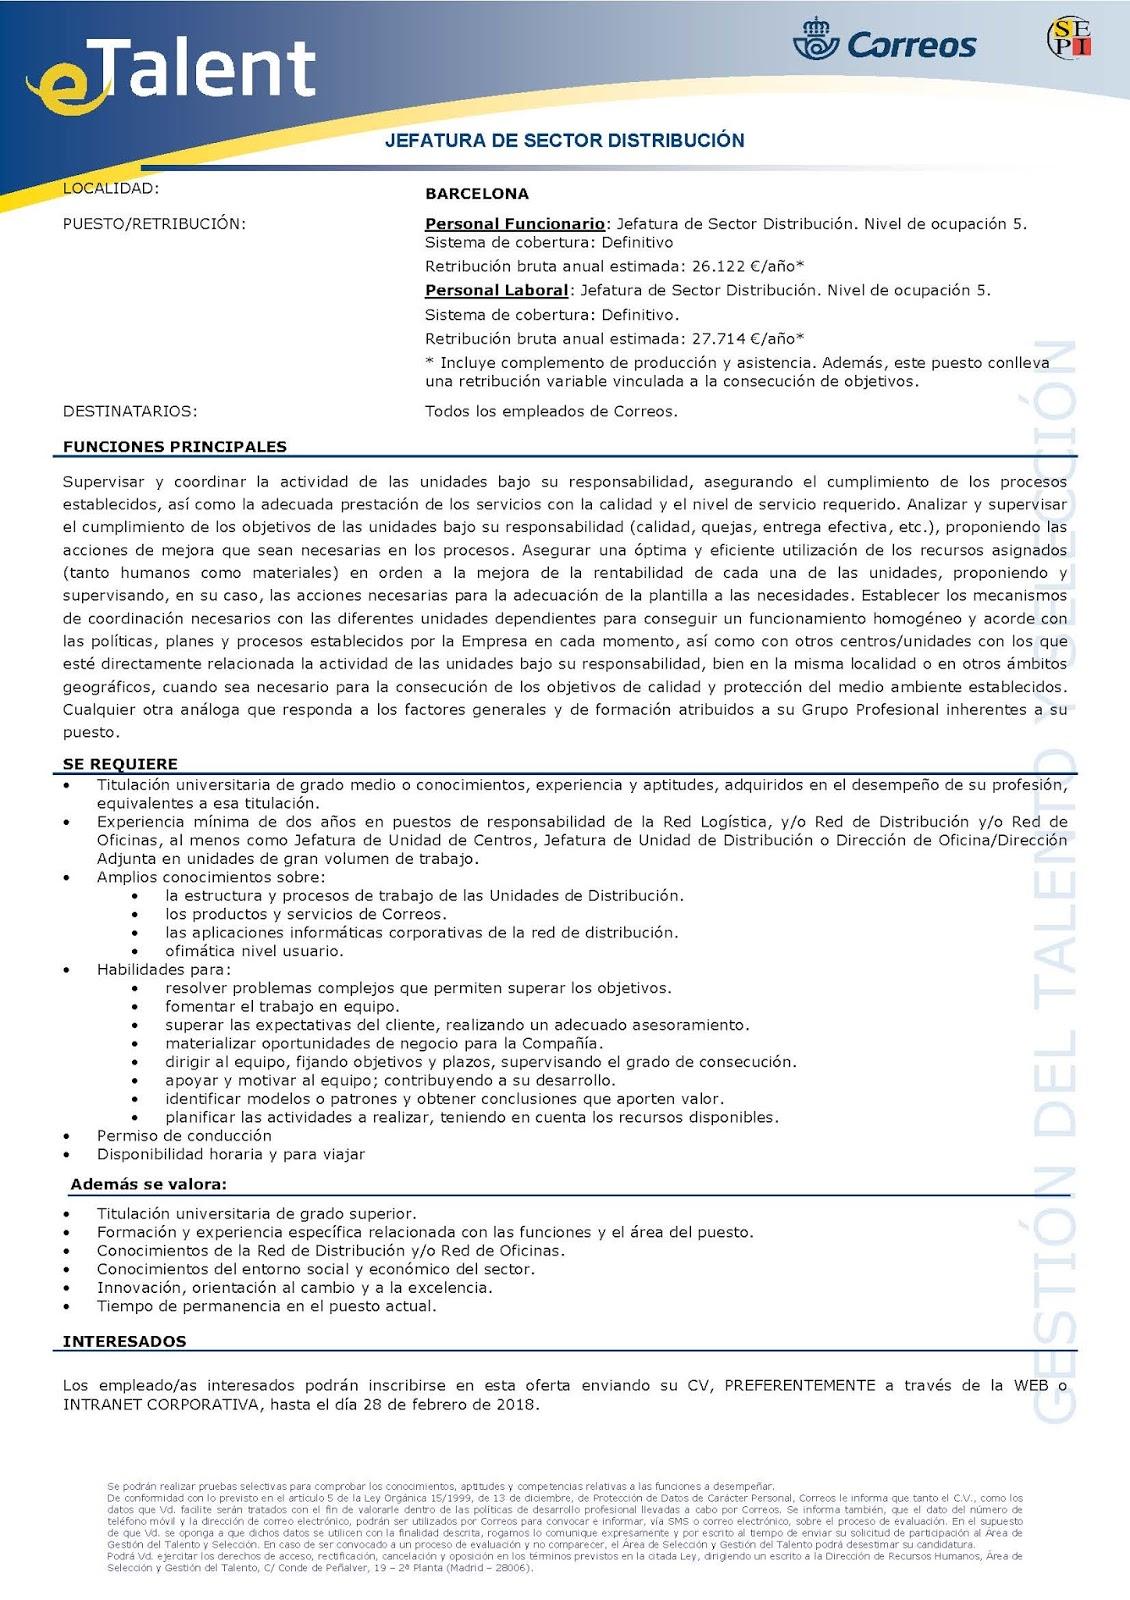 Csi f correos tarragona convocada jefatura sector for Oficina de correos barcelona